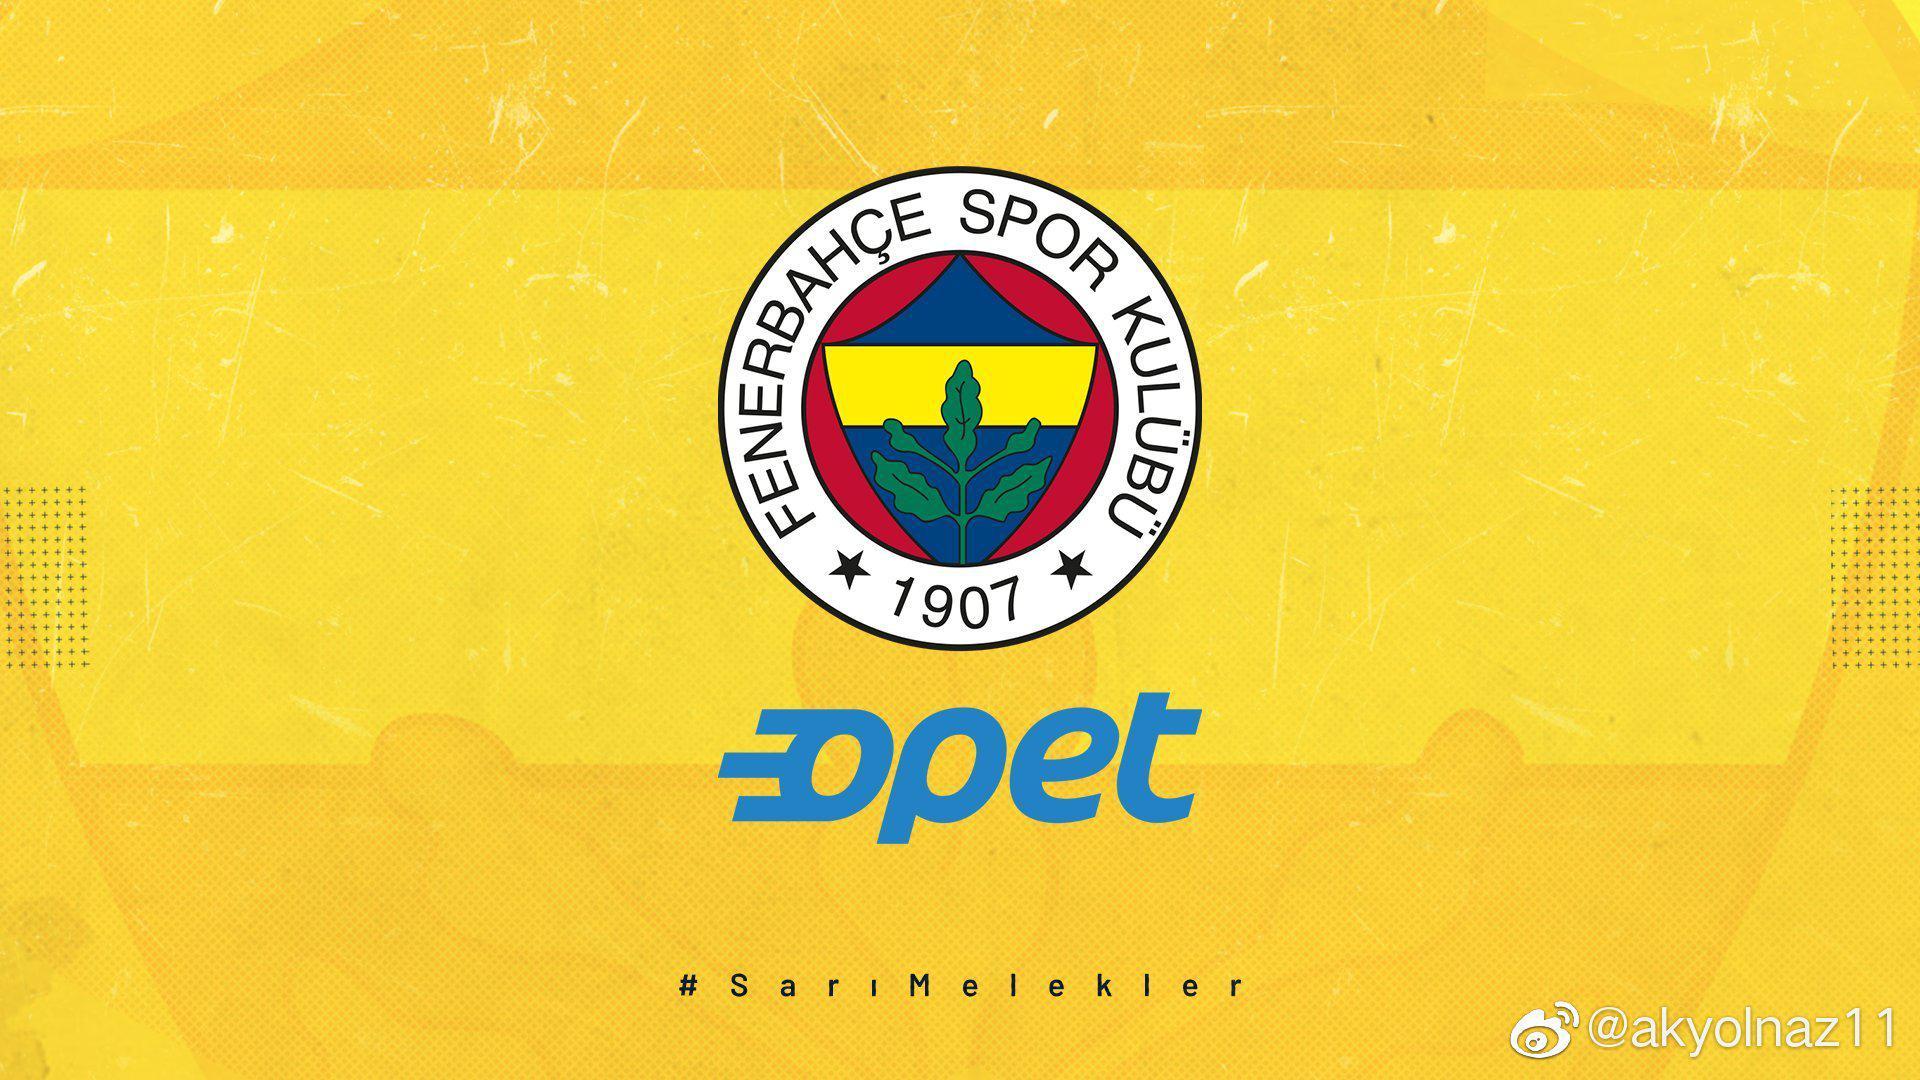 2020-2021赛季土耳其费内巴切俱乐部女排阵容